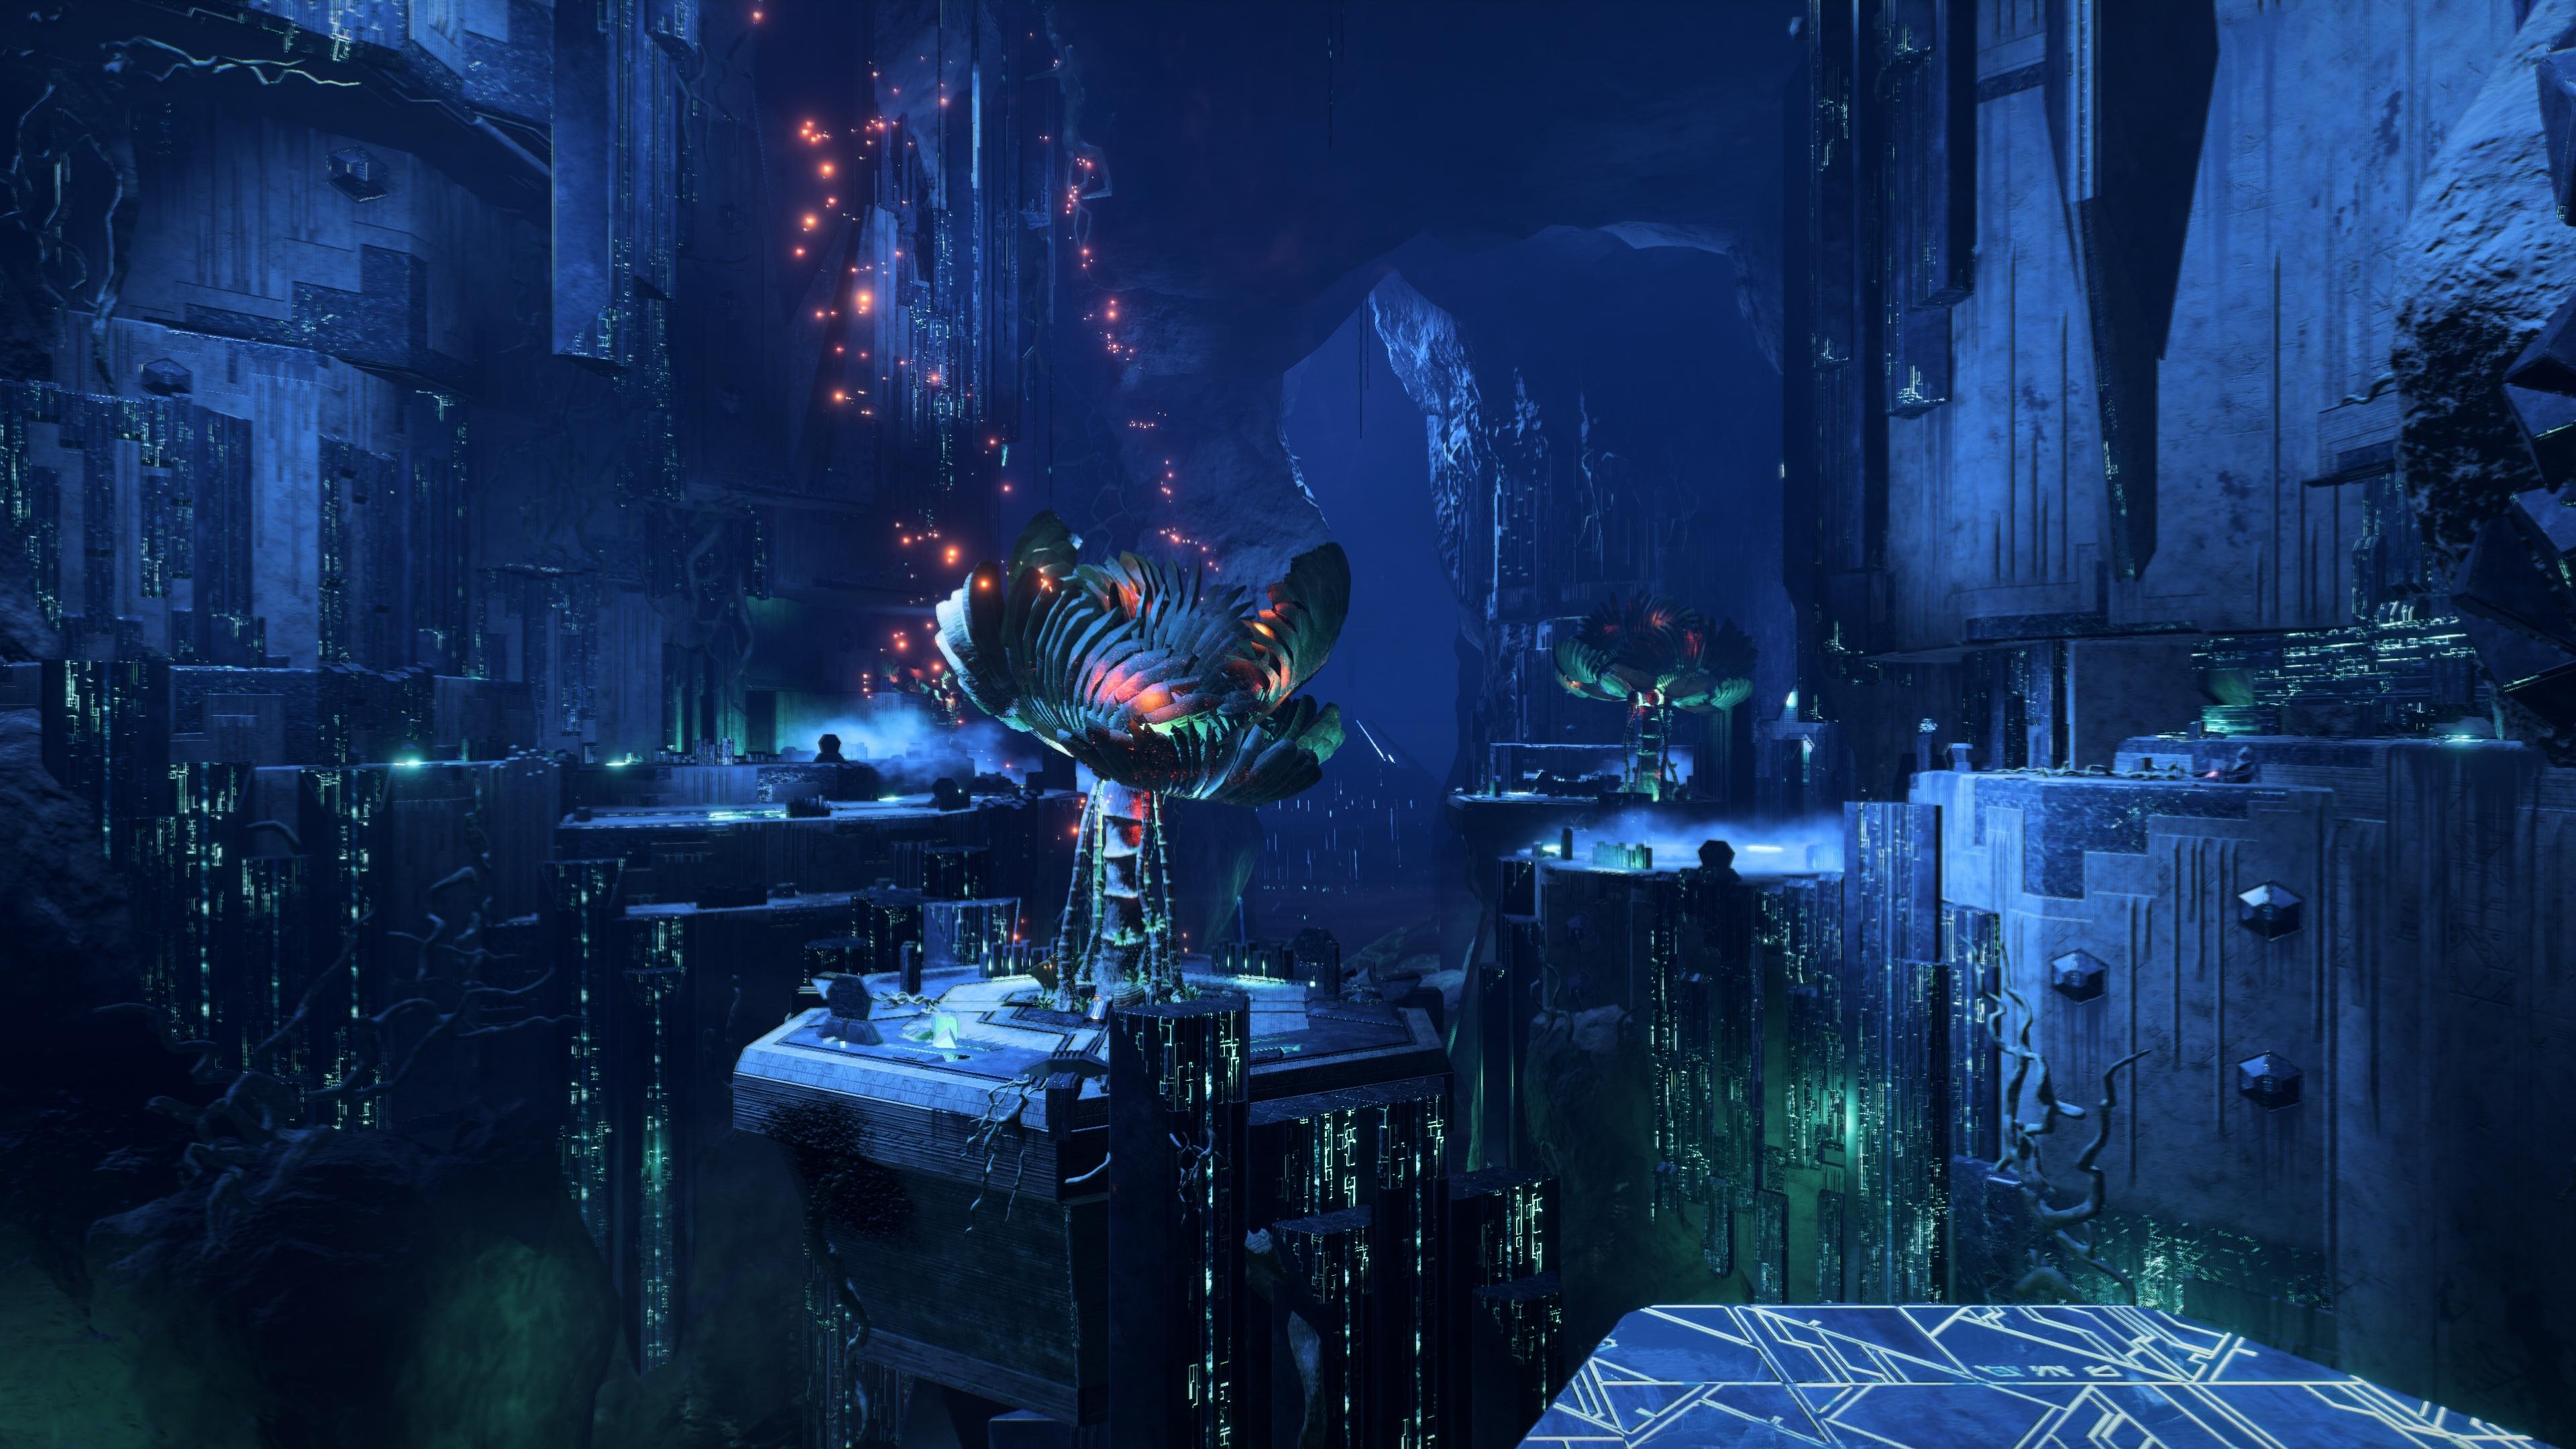 Mass Effect Andromeda 12k Mass Effect Wallpaper 4k 3207532 Hd Wallpaper Backgrounds Download